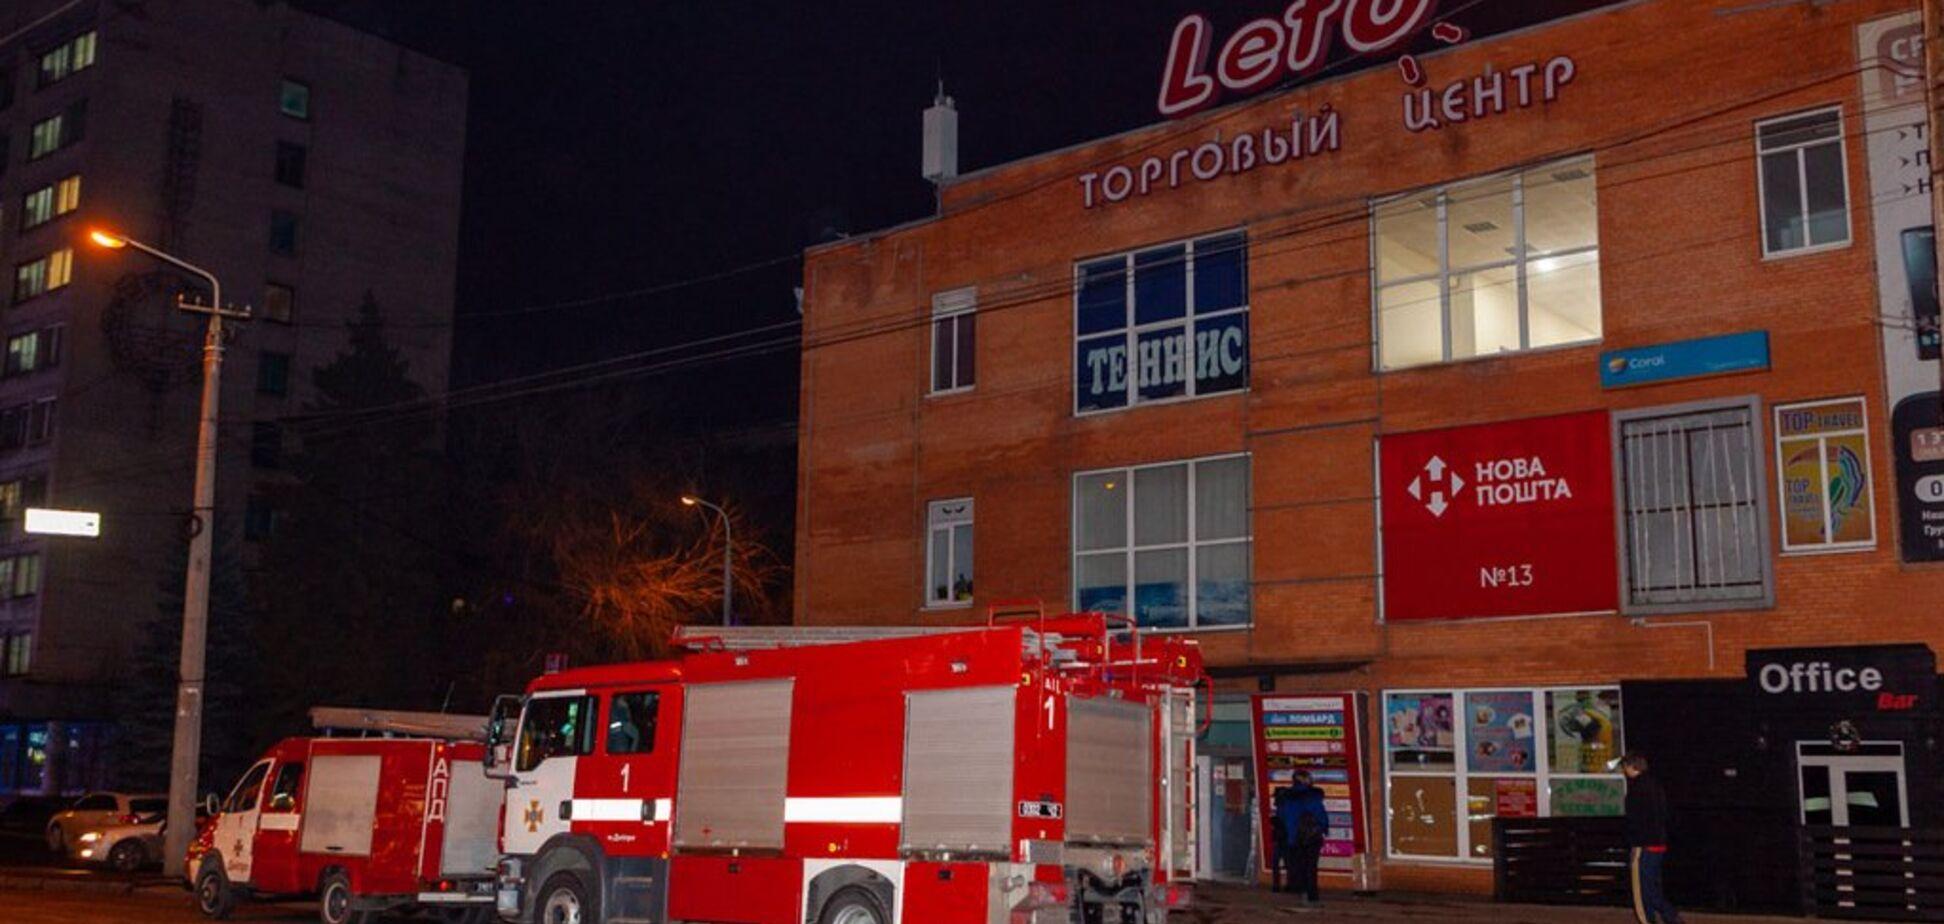 Все заволокло димом: з ТЦ Дніпра терміново евакуювали людей. фото